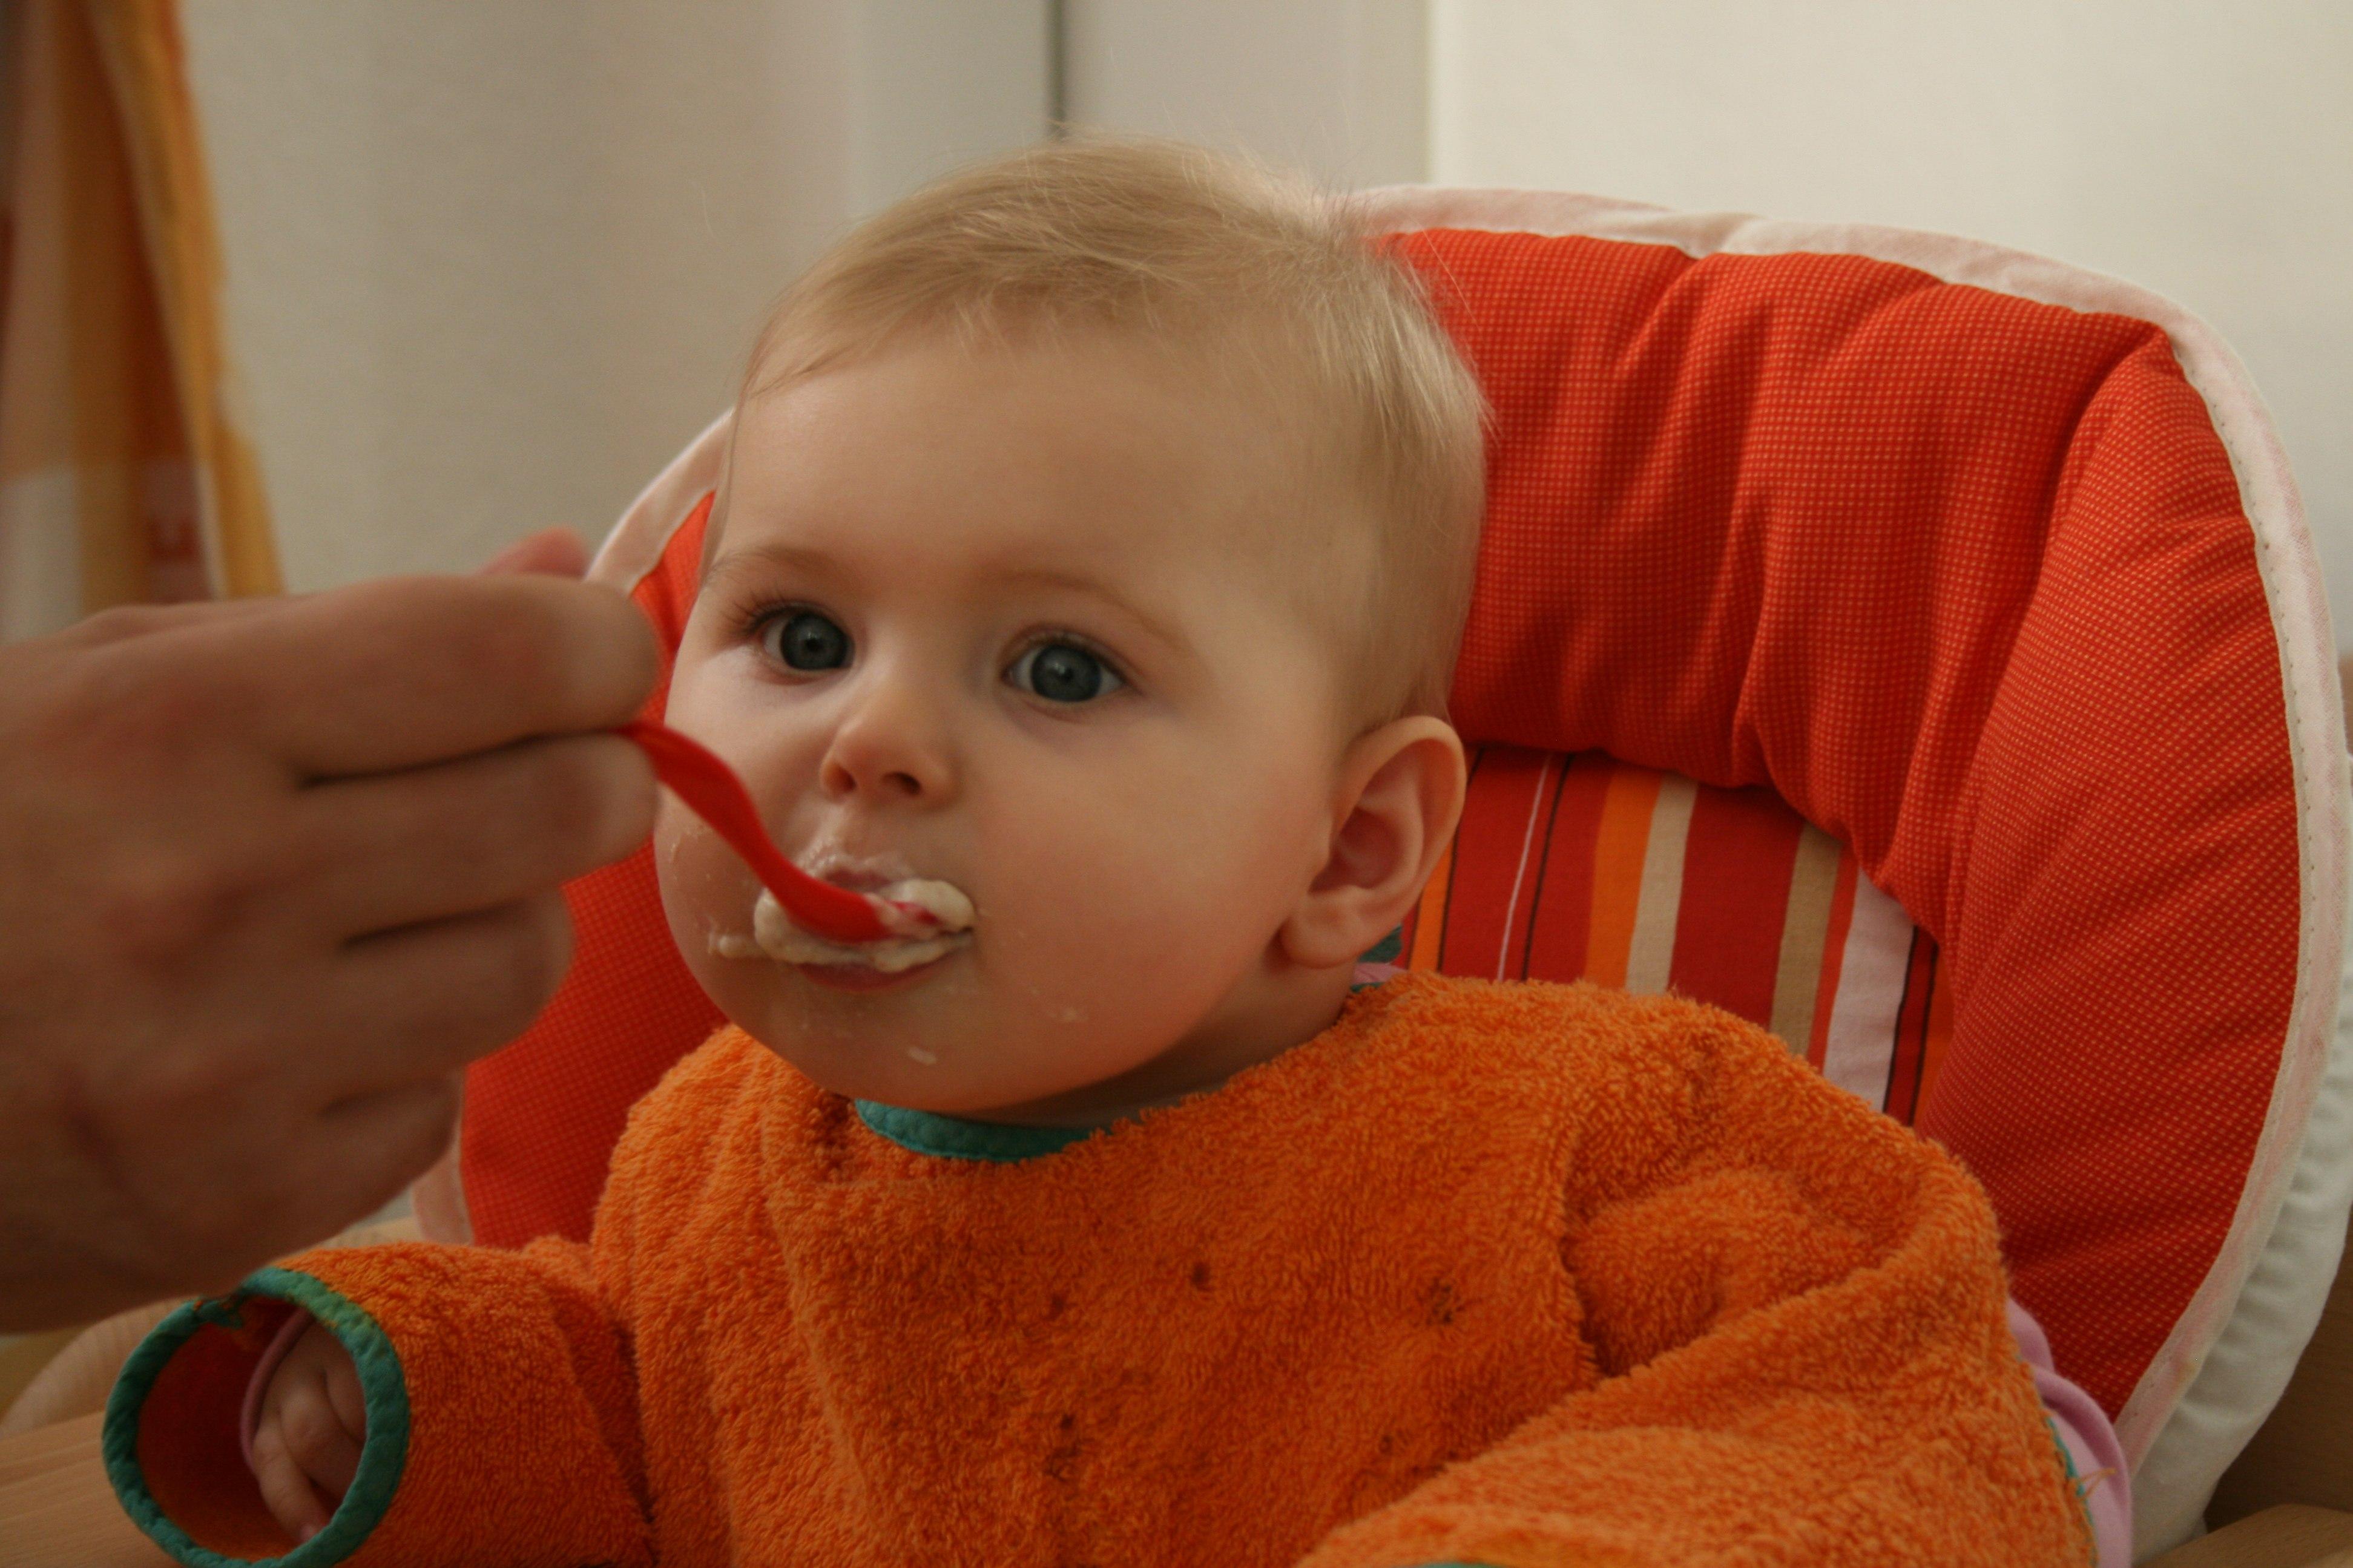 92c2fac2fc Babynahrung - Die vollständigen Informationen und Online-Verkauf mit  kostenlosem Versand. Bestellen und kaufen Sie jetzt zum günstigsten Preis  im besten ...